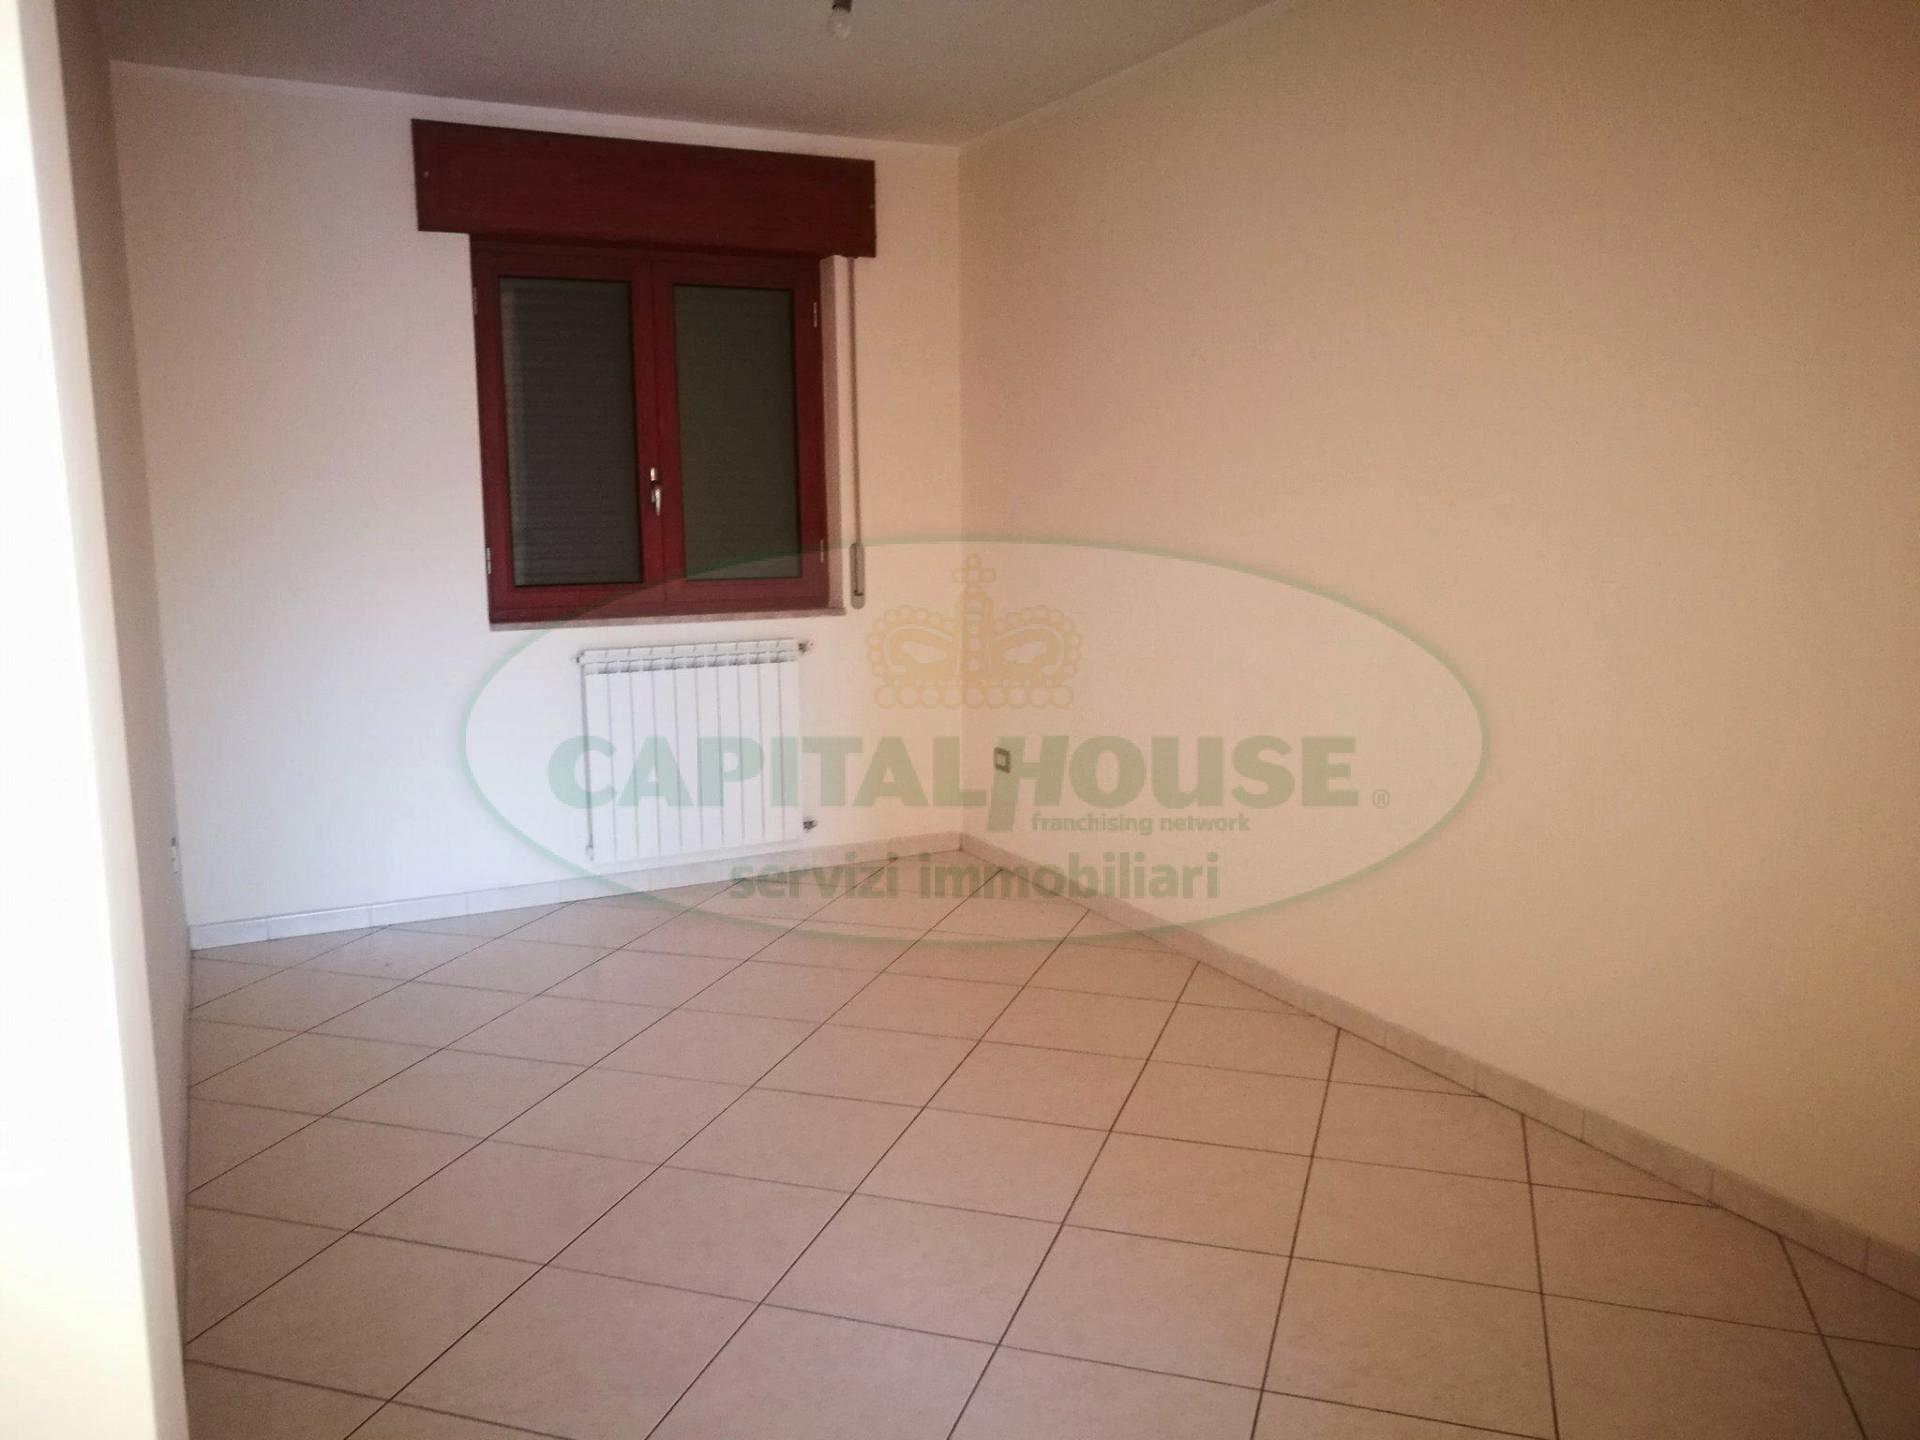 Ufficio Casalnuovo : V ufficio in affitto a casalnuovo di napoli capitalhouse